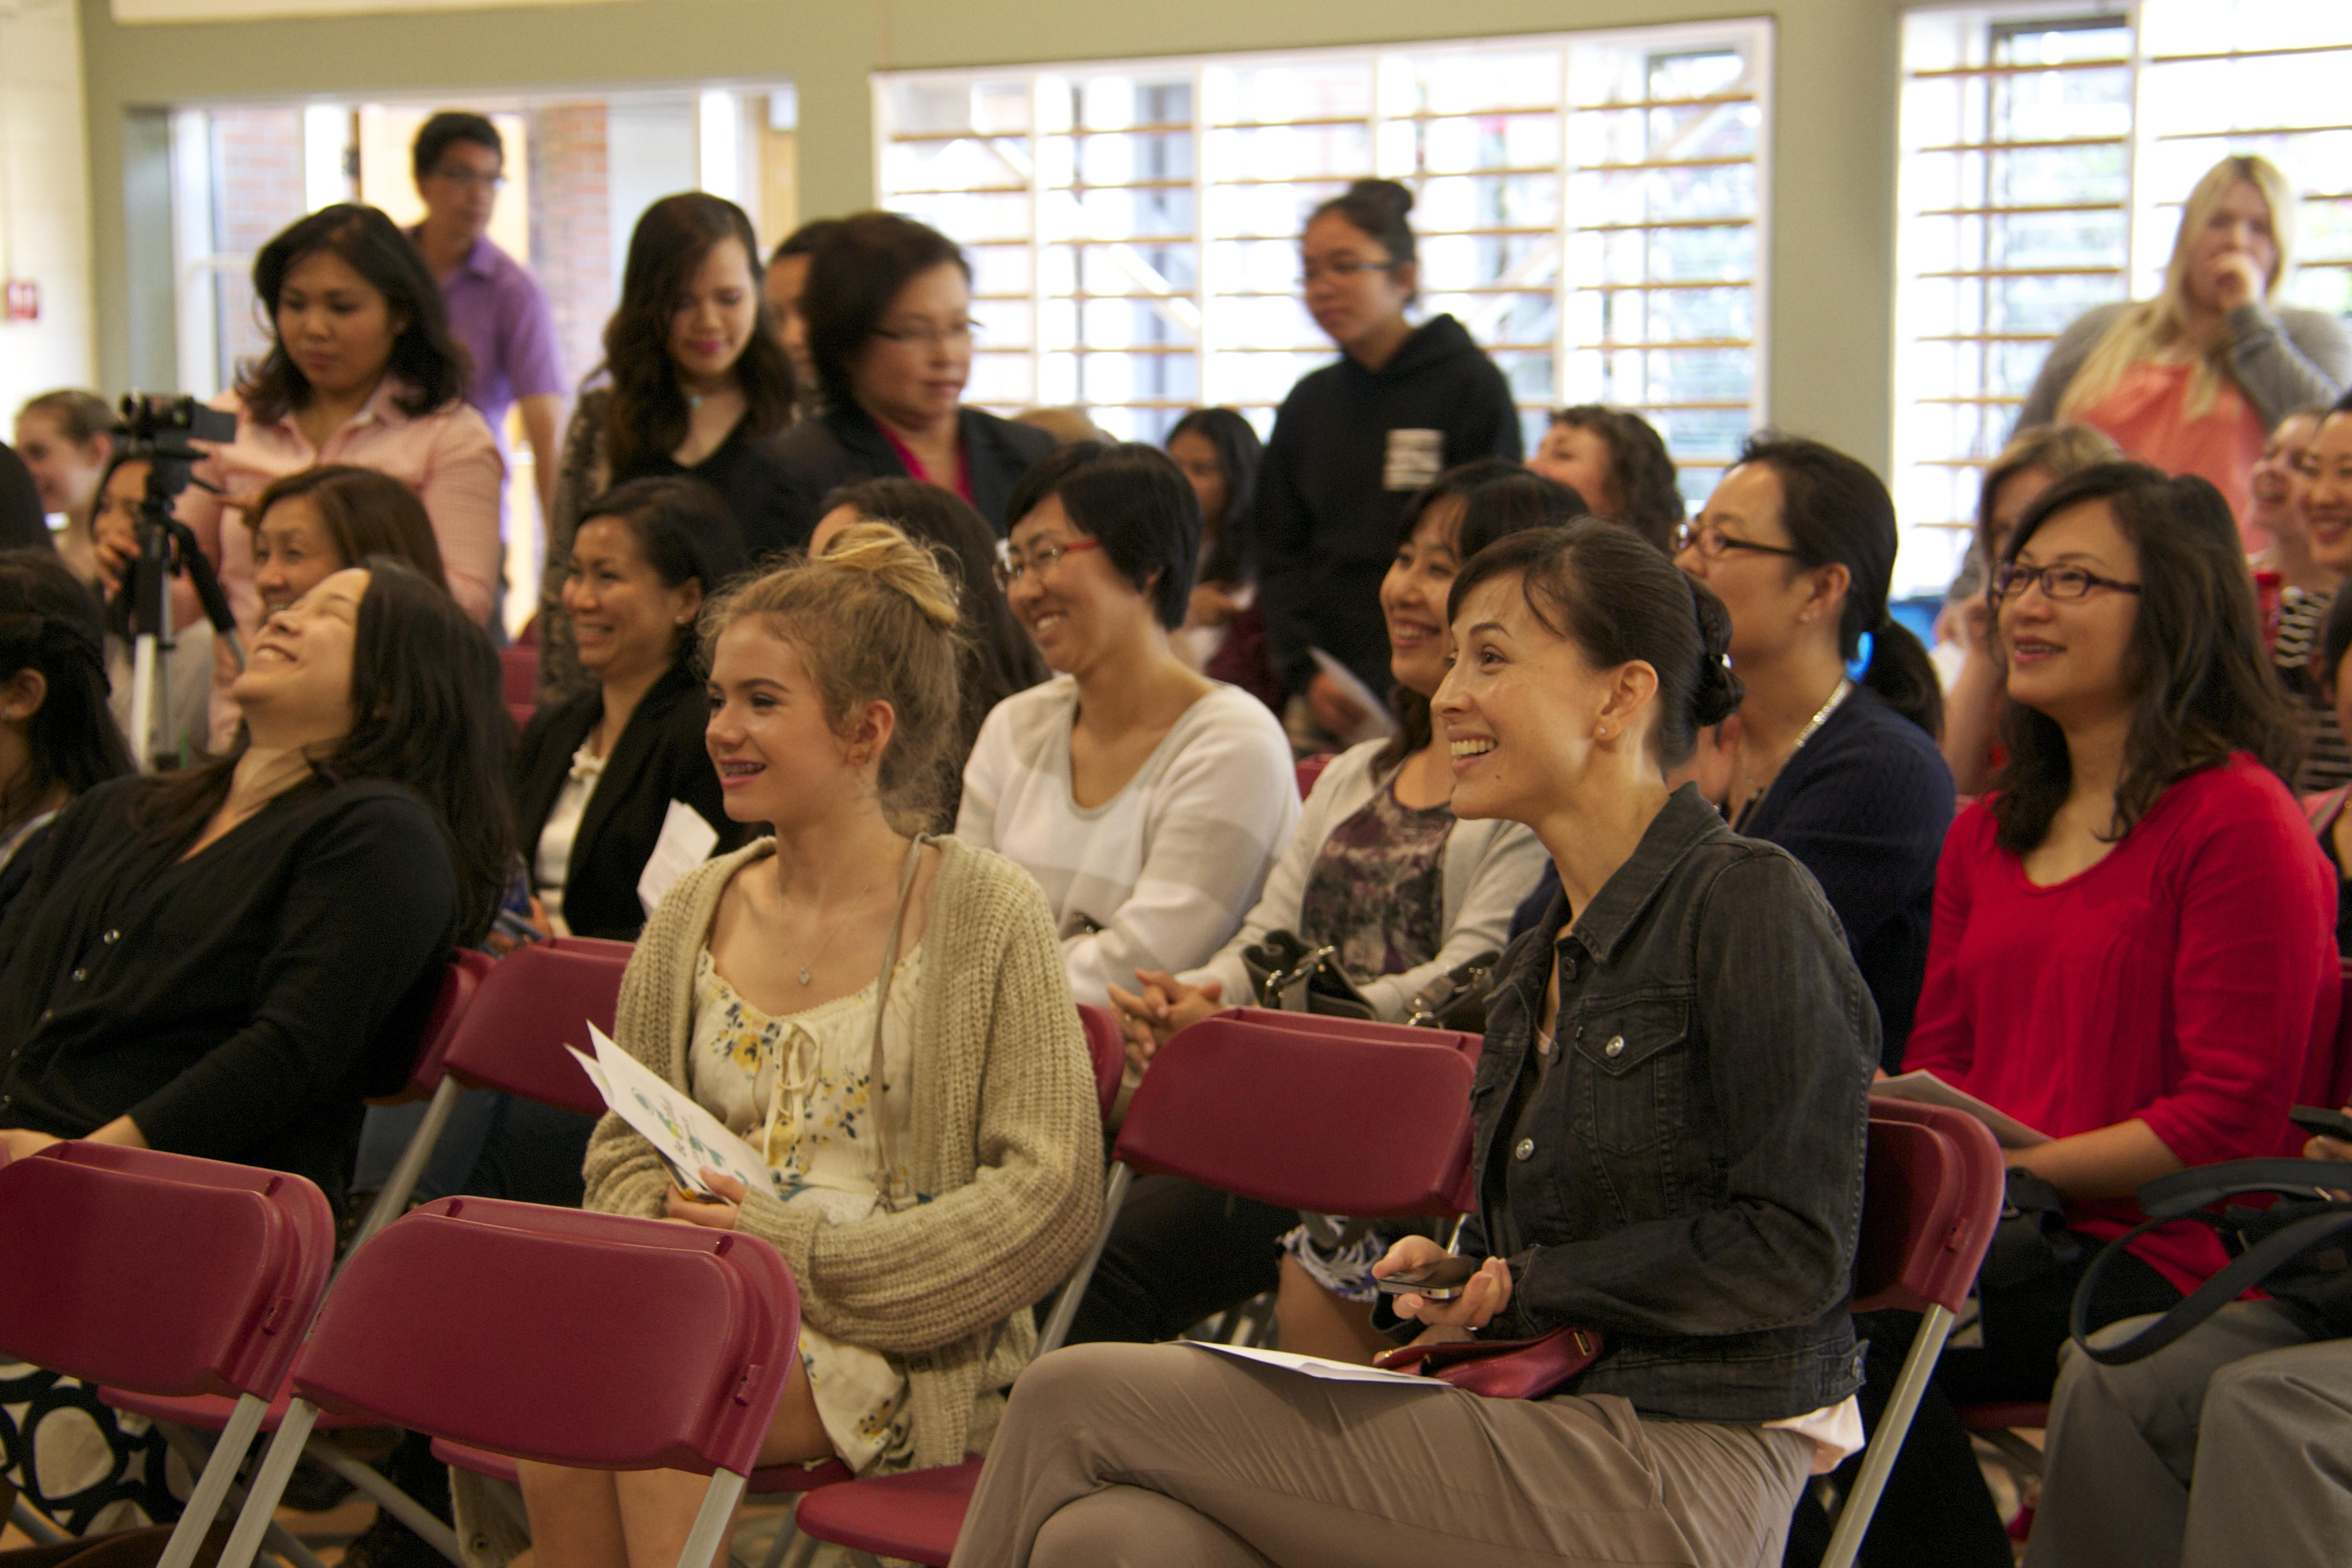 Audience members enjoying